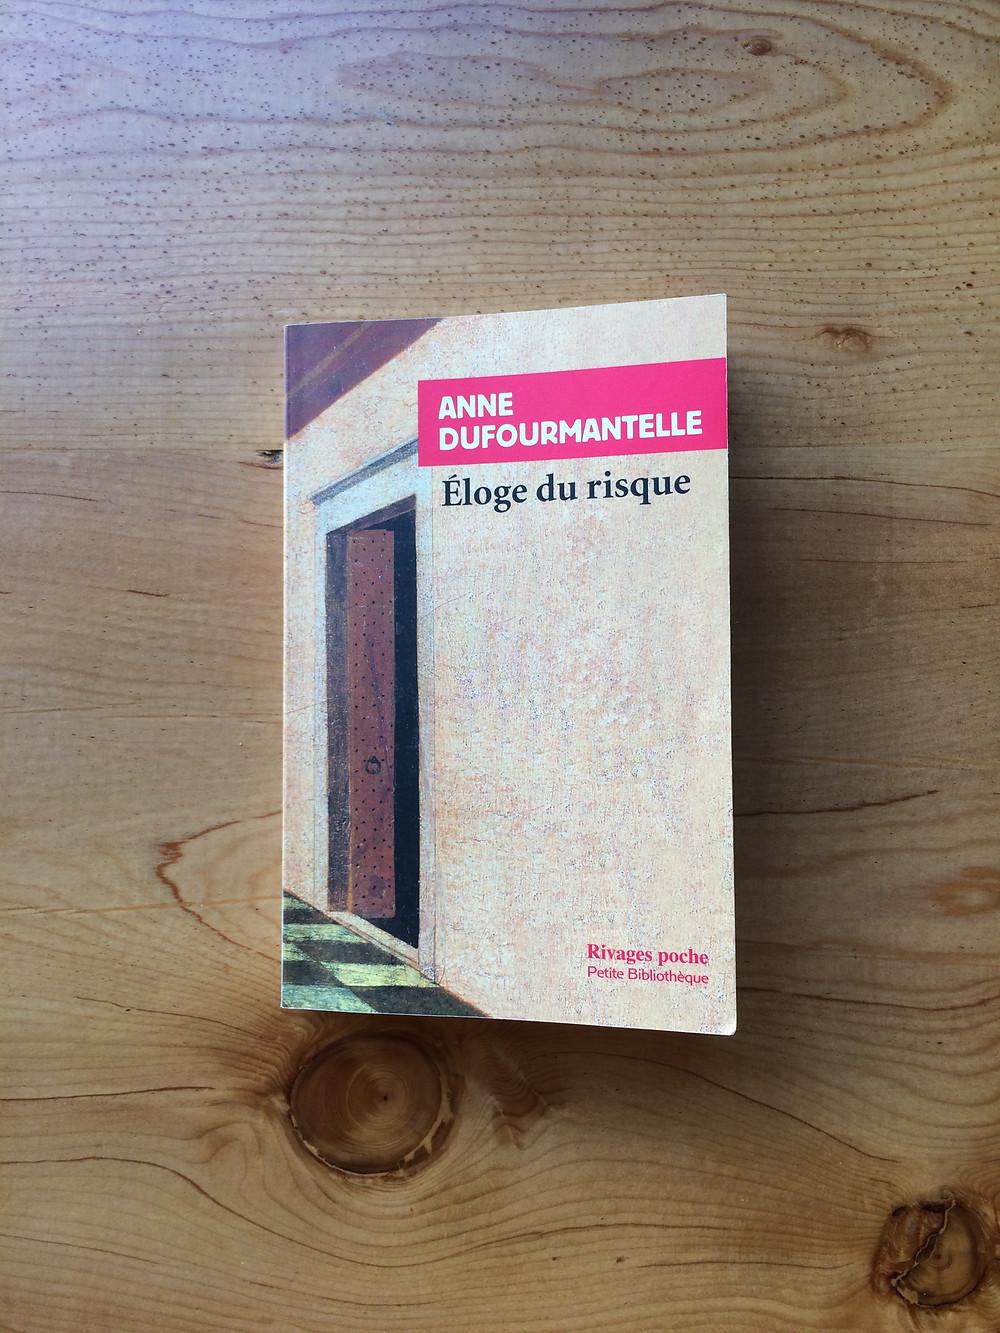 Photo du livre Eloge du risque de Anne Dufourmantelle (1)